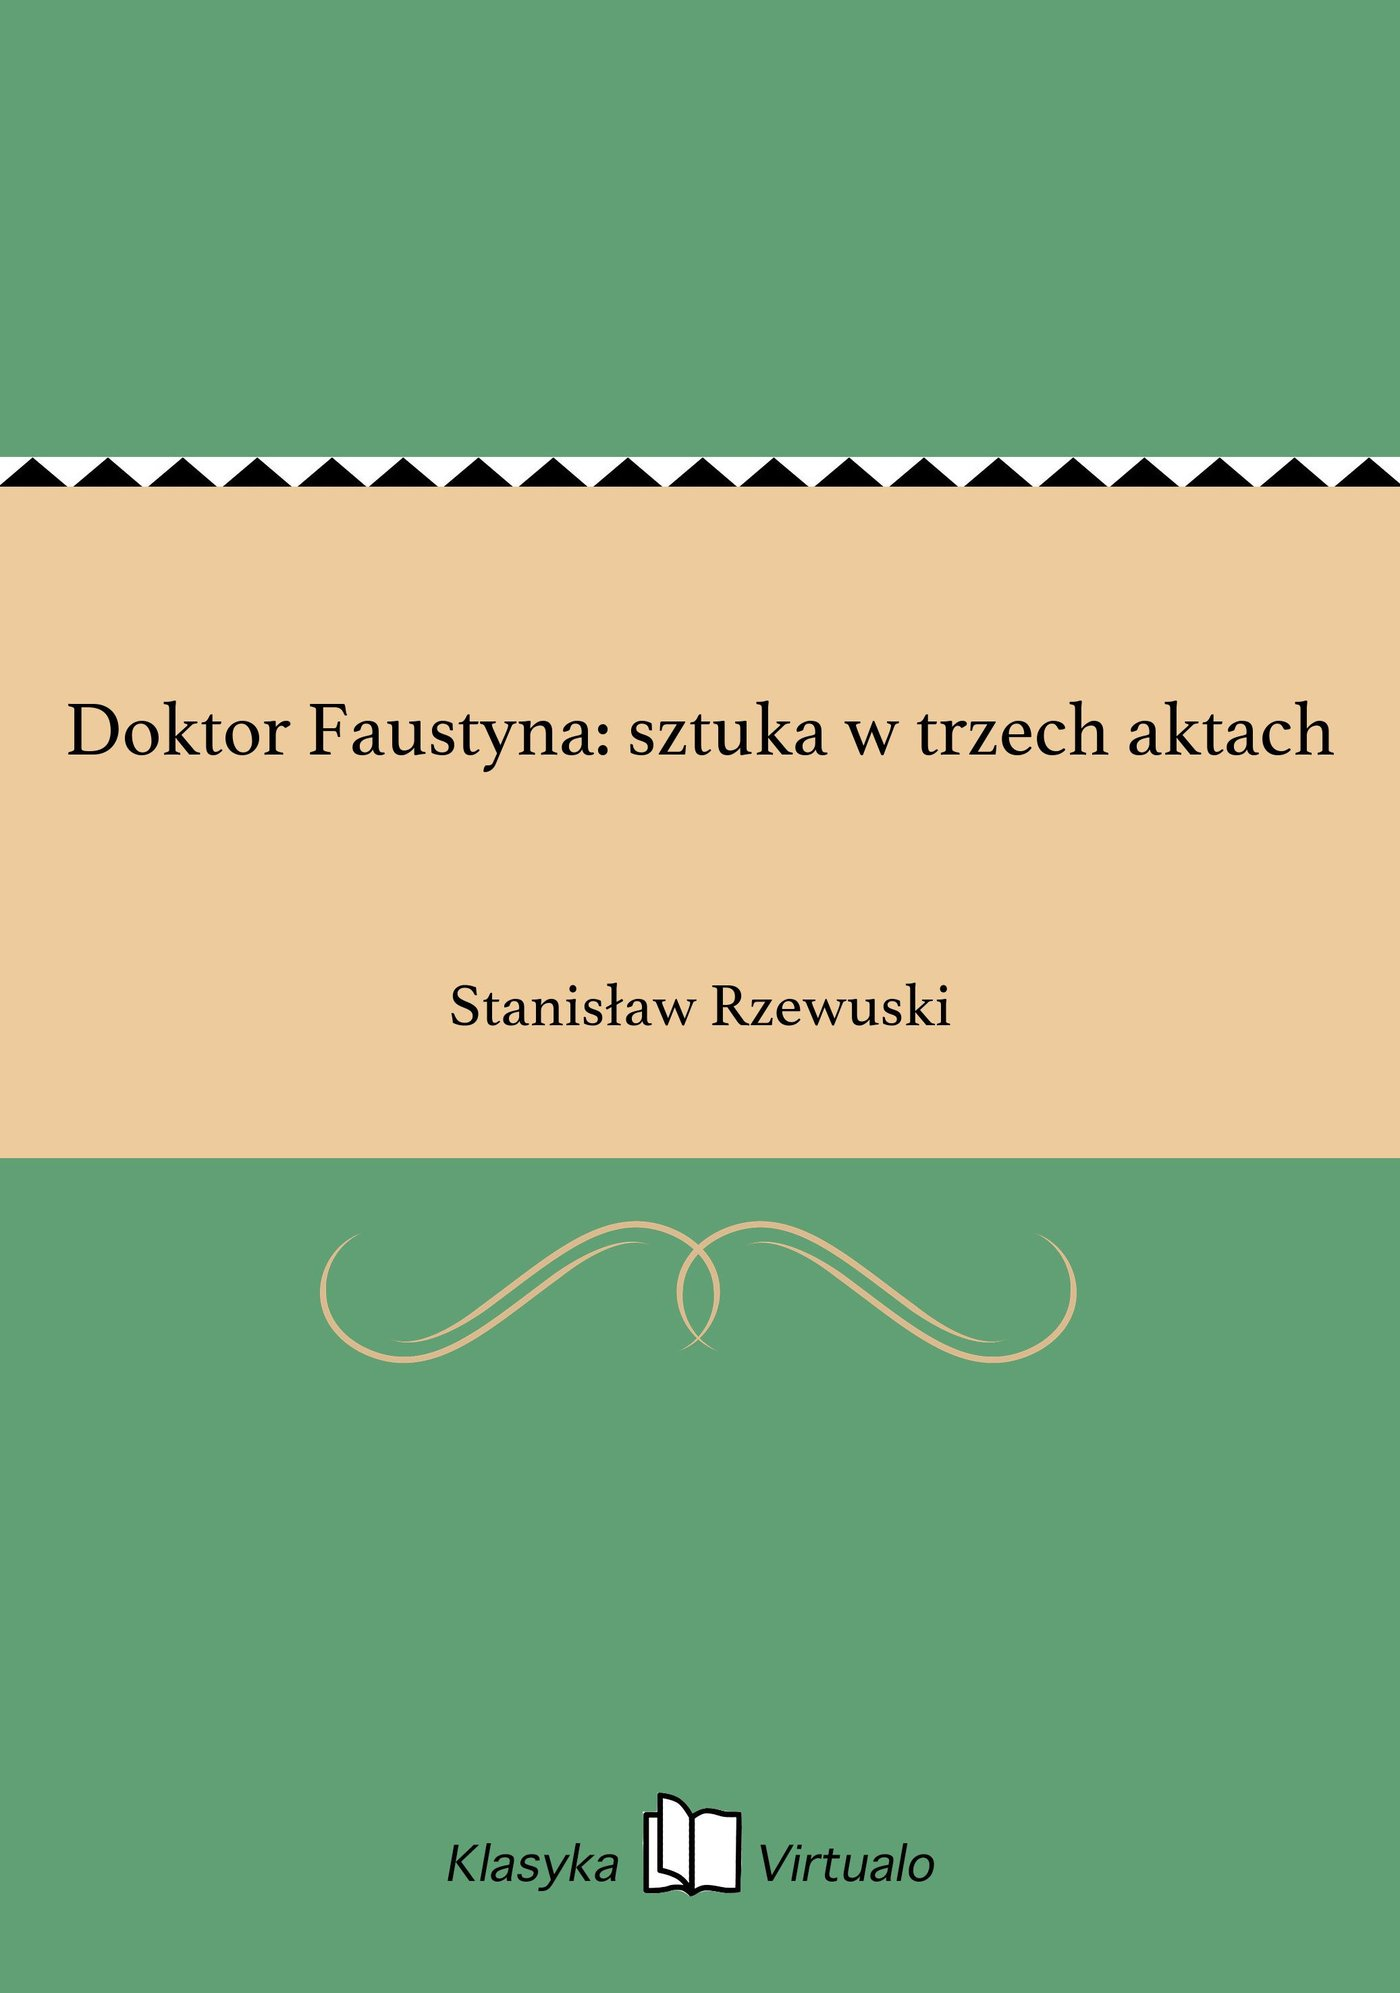 Doktor Faustyna: sztuka w trzech aktach - Ebook (Książka EPUB) do pobrania w formacie EPUB